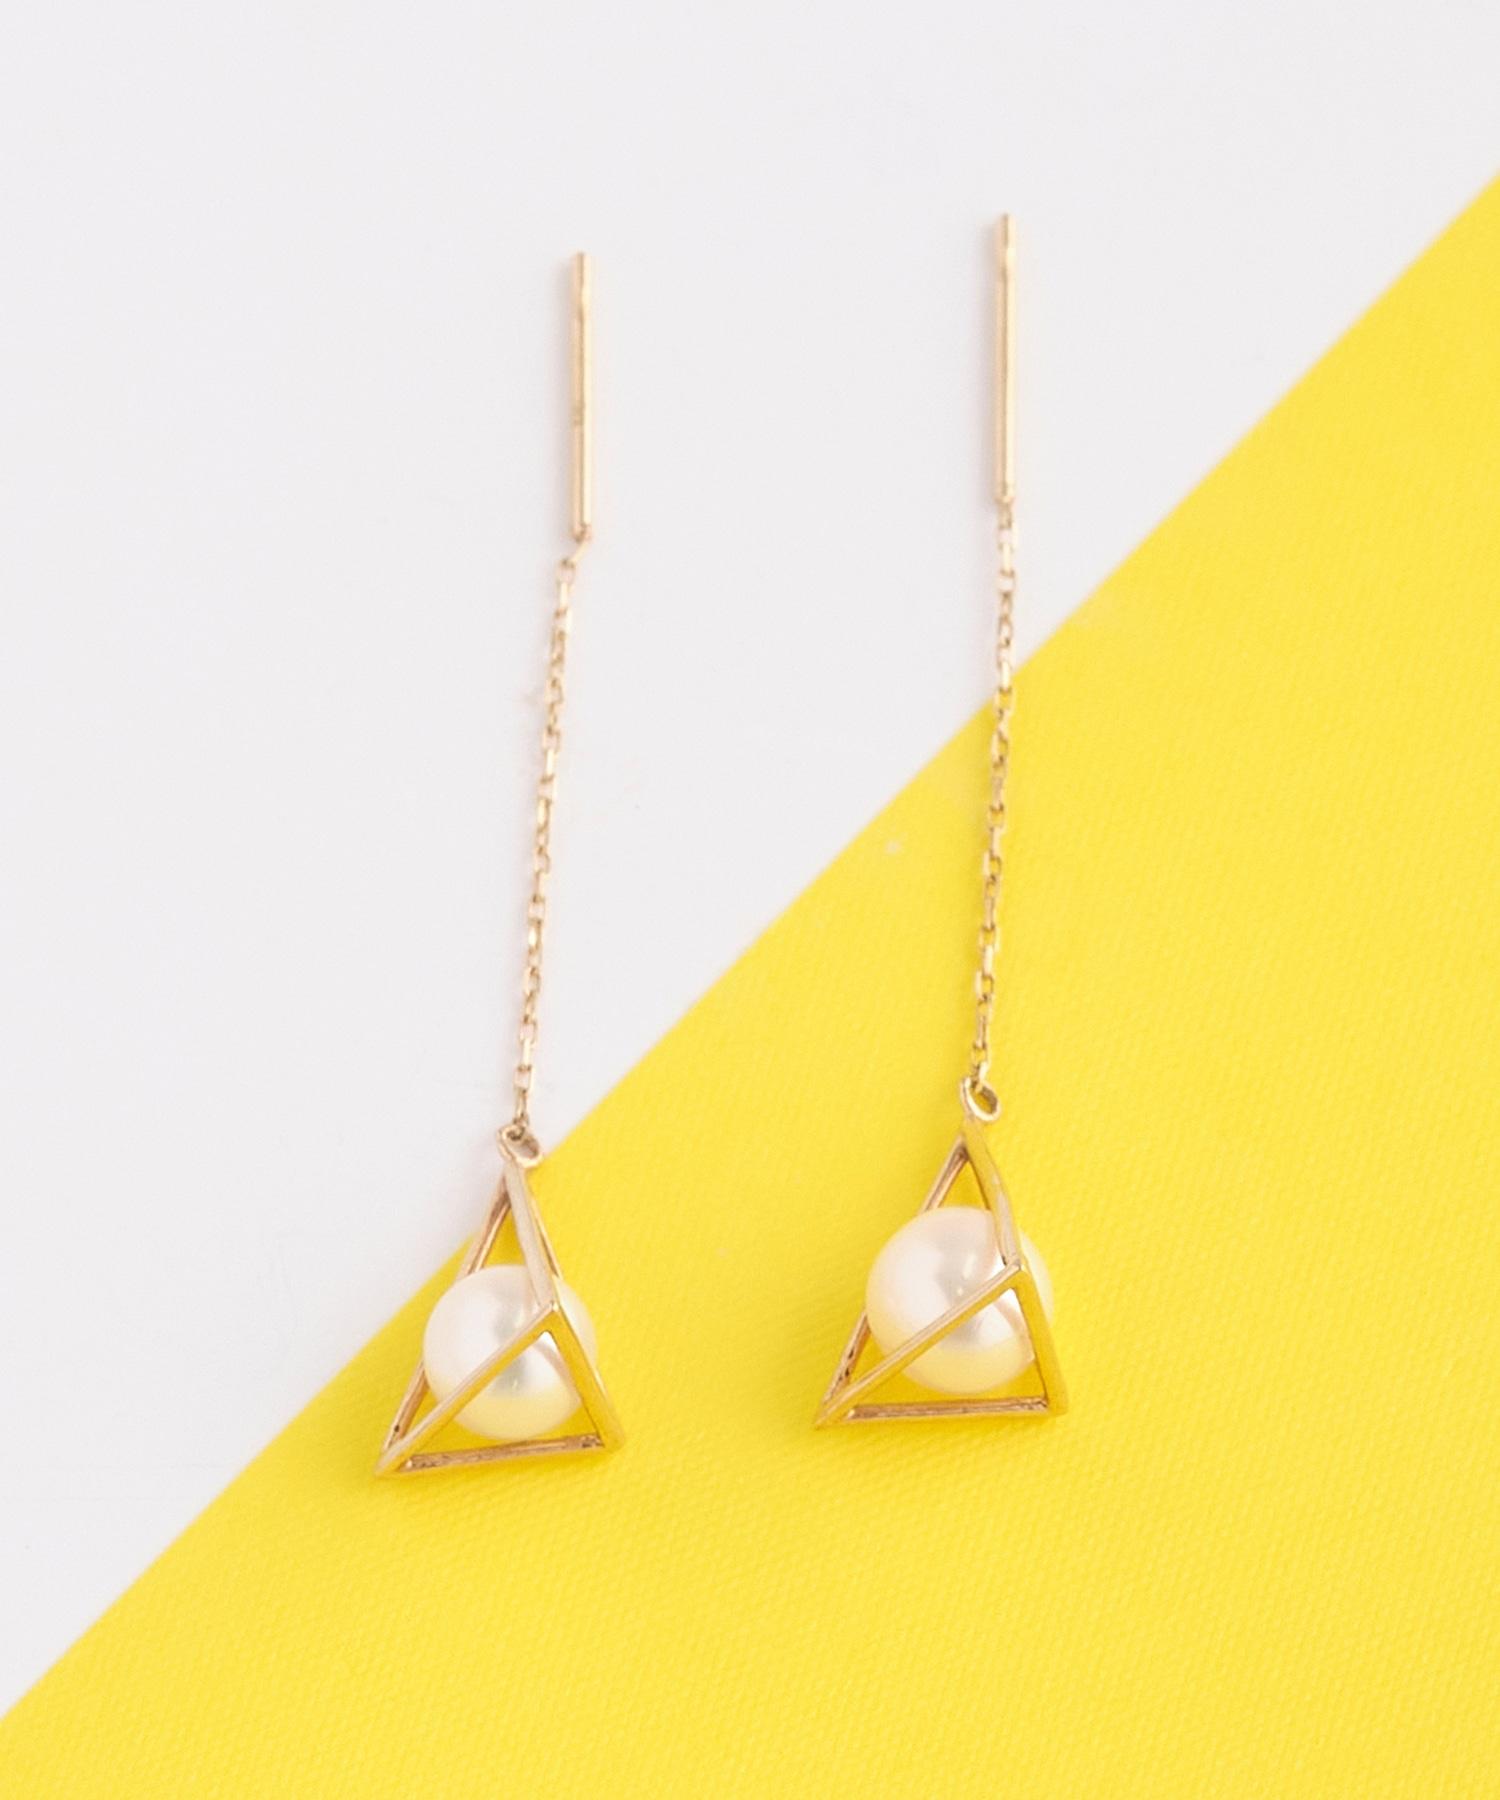 tetrahedron pearlピアス